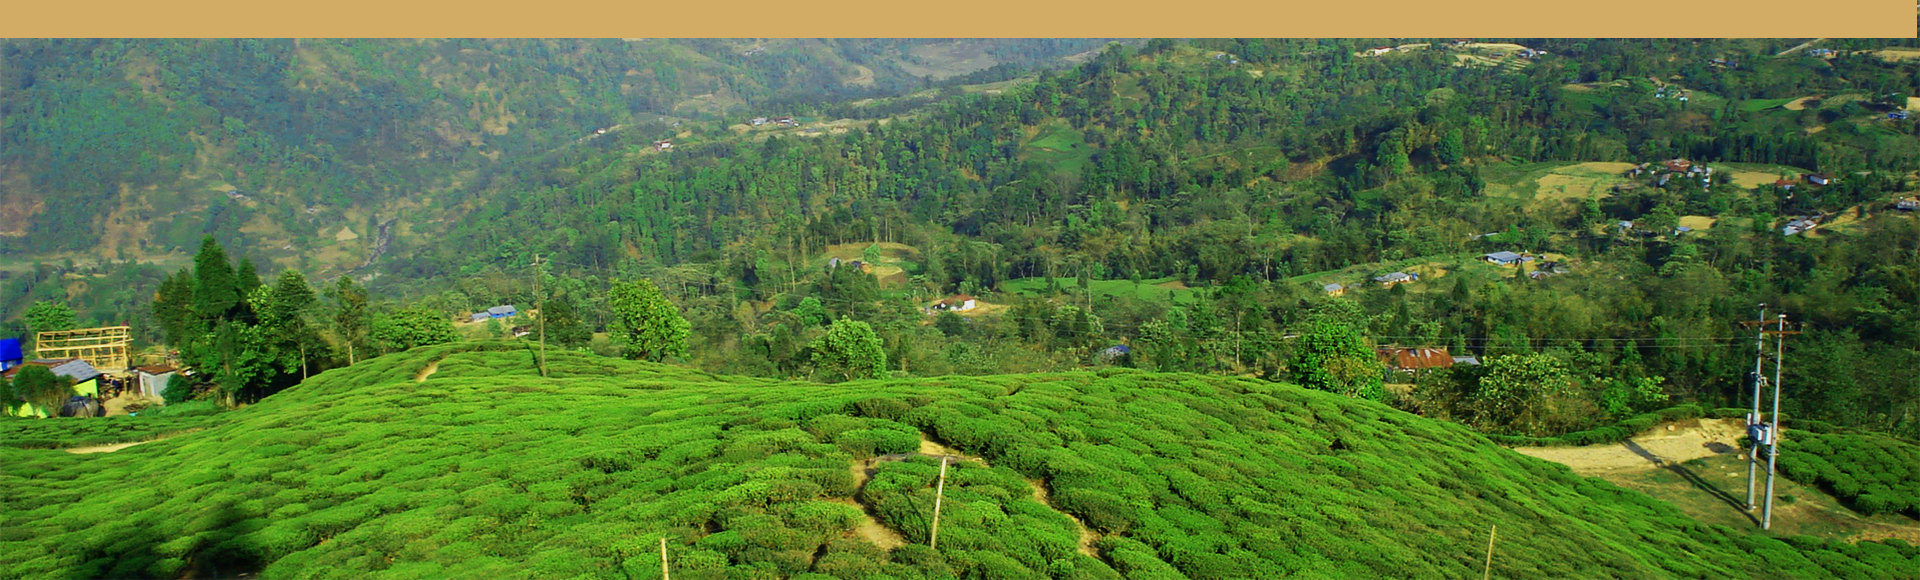 té negro, té en Nepal